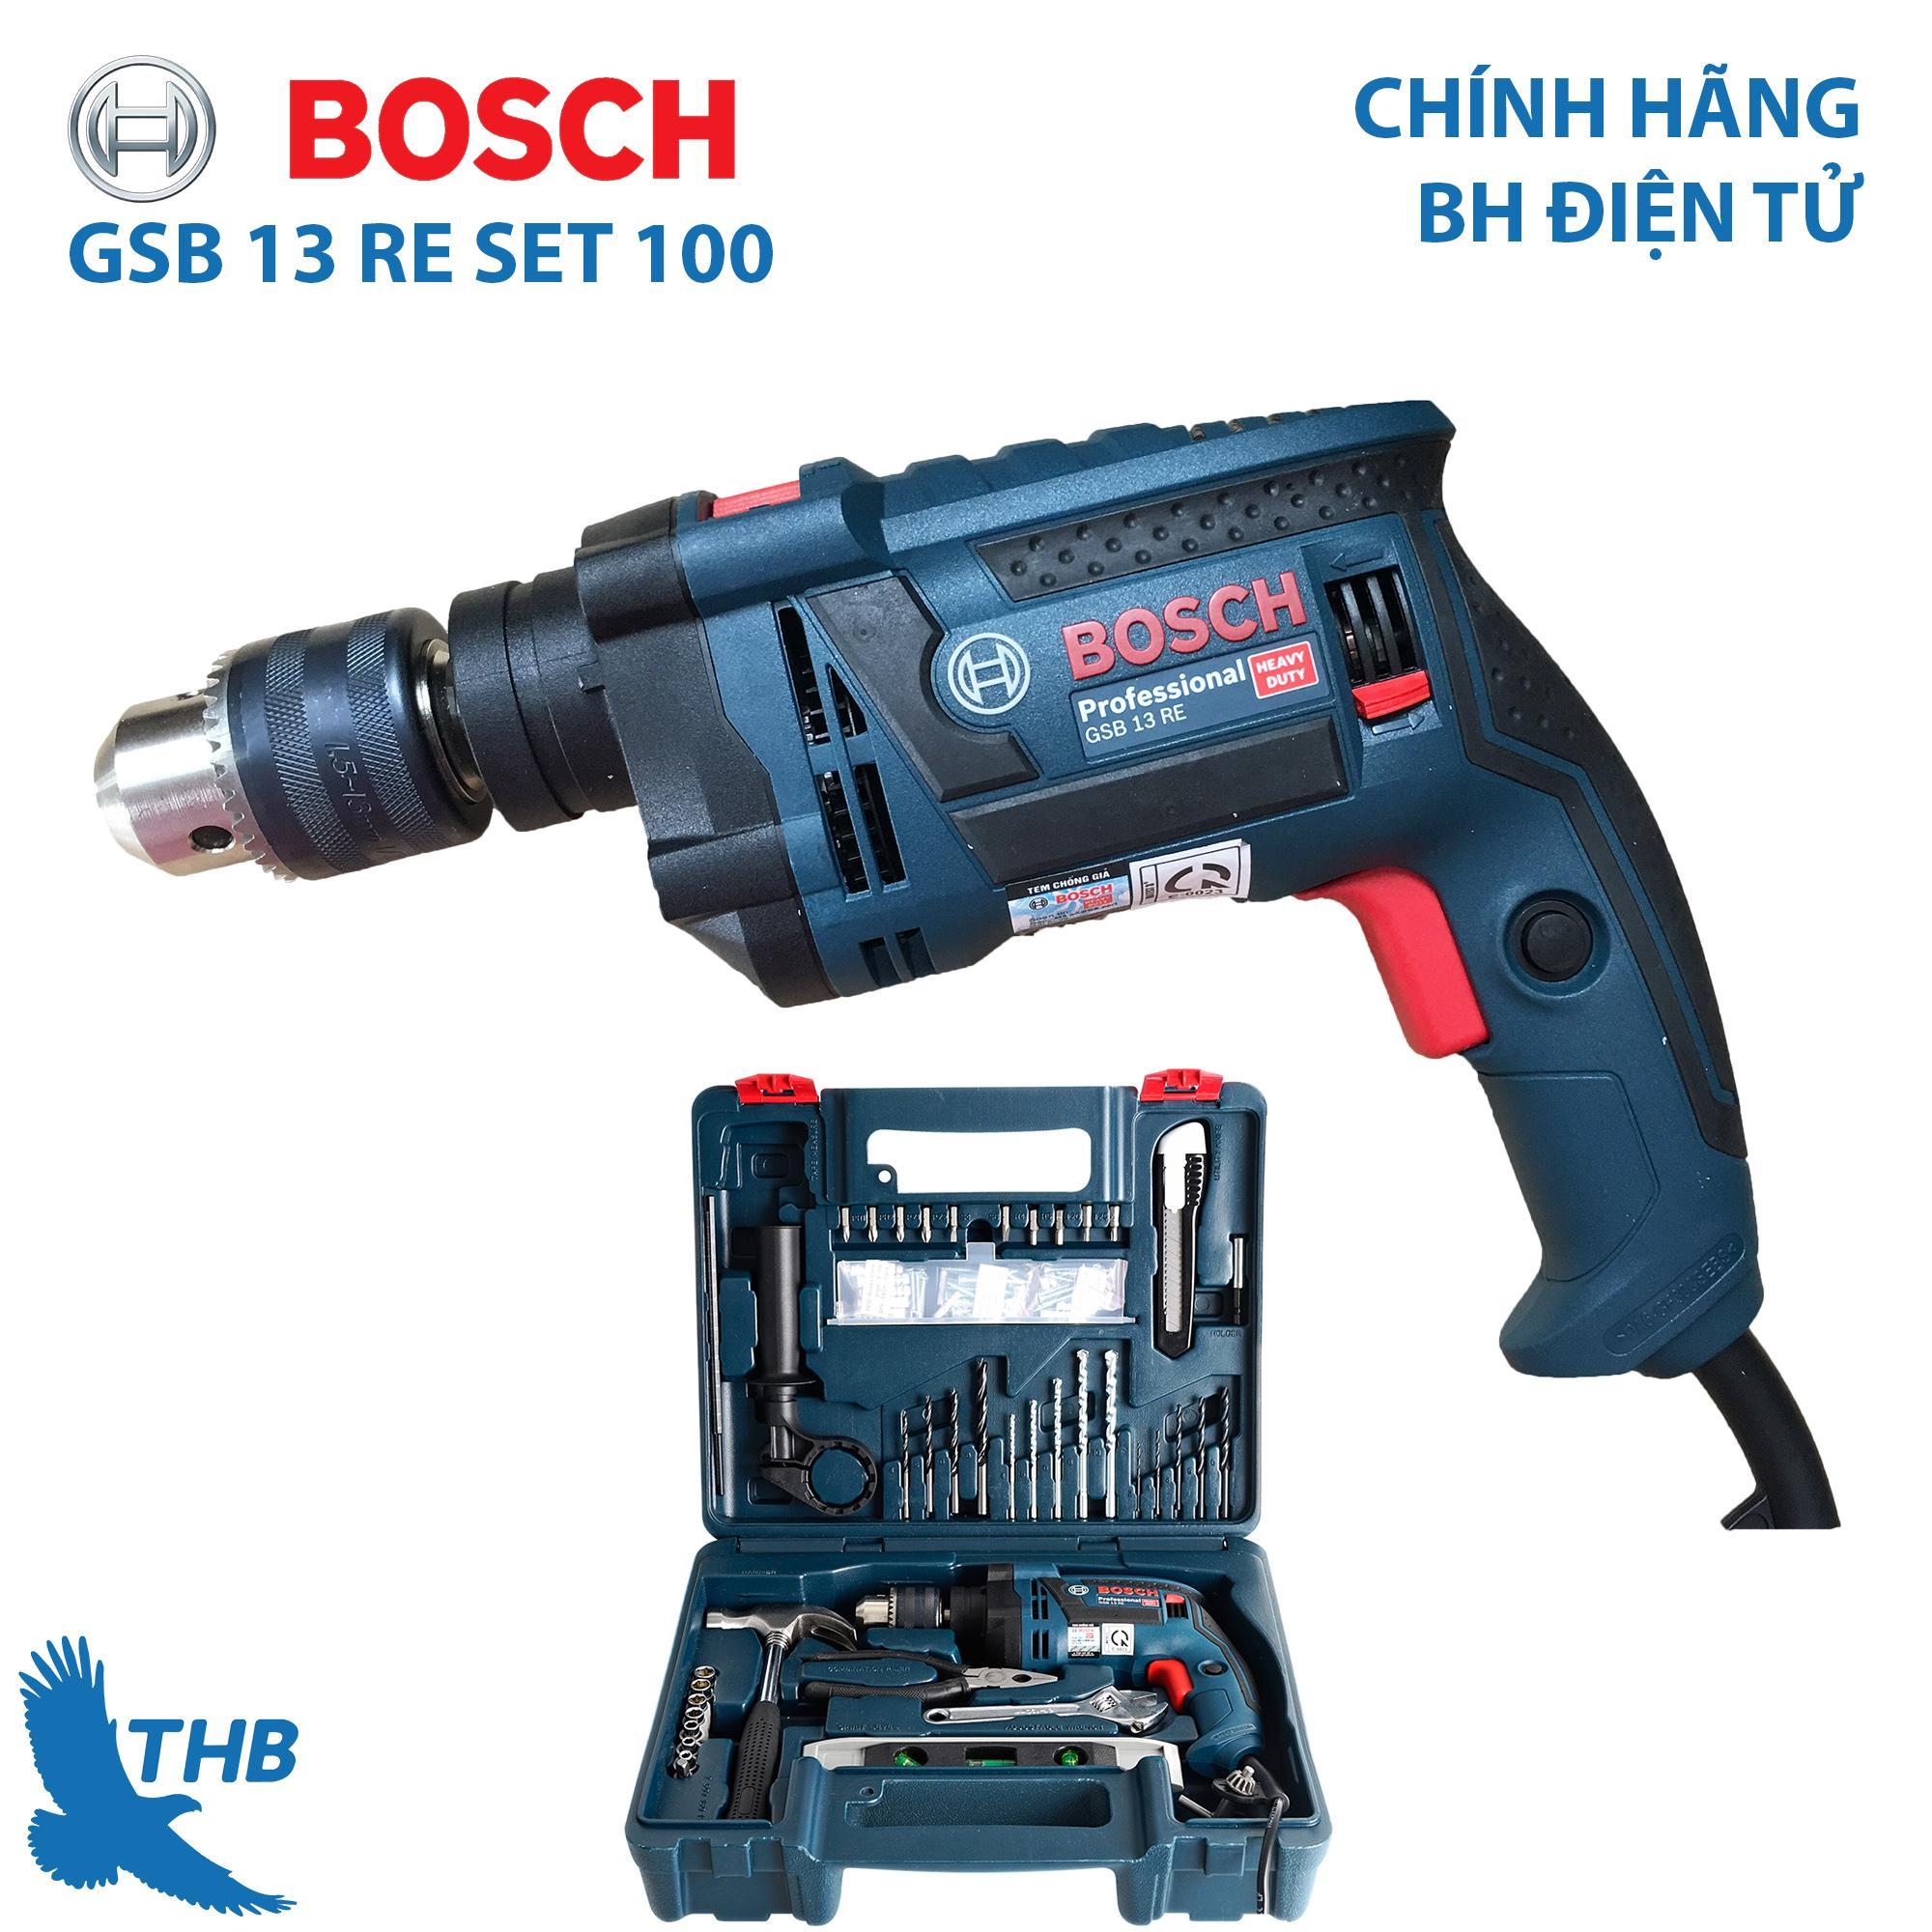 Bộ máy khoan gia đinh Bosch Bộ máy khoan đa năng Bosch chính hãng GSB 13 RE SET 100 món...